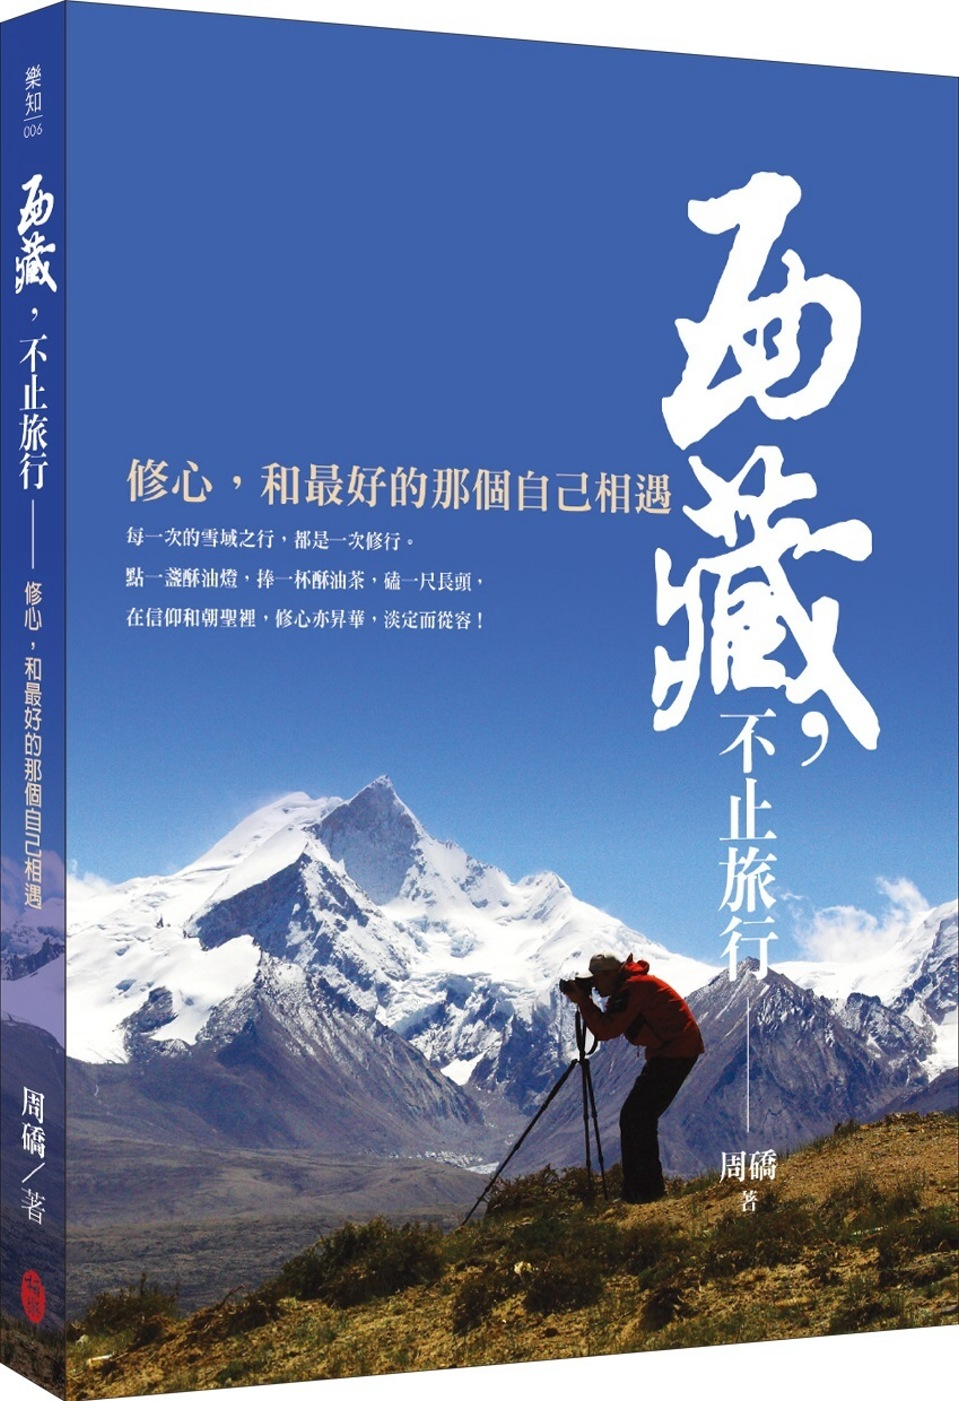 西藏,不止旅行:修心,和最好的那個自己相遇